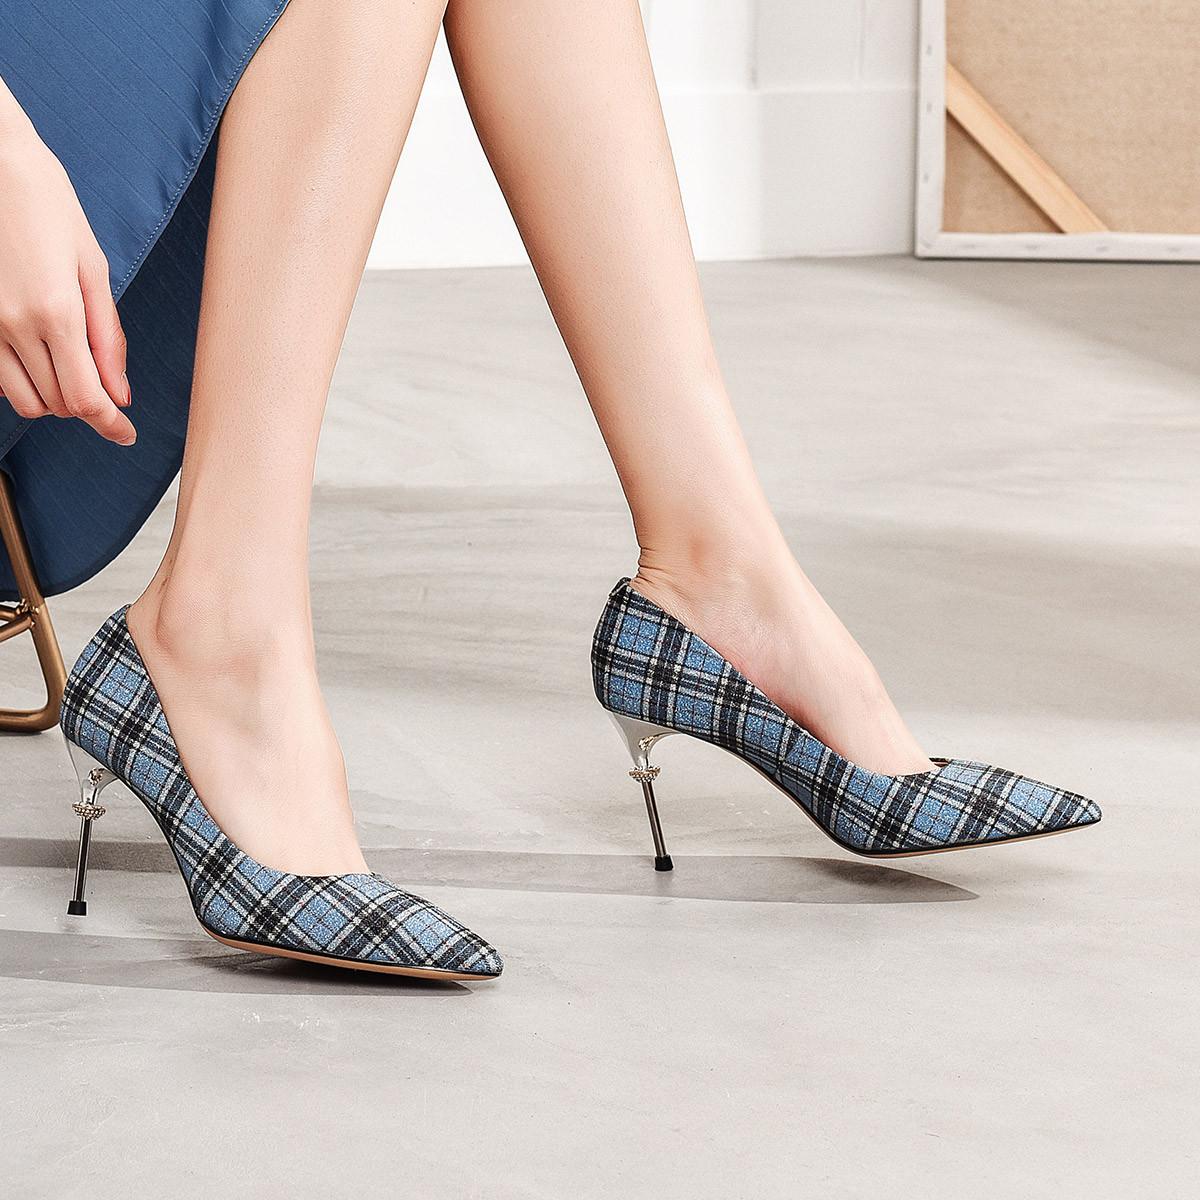 卓诗尼时尚百搭2019春秋季新款女士单鞋浅口尖头细跟增高欧美高跟鞋12191019162